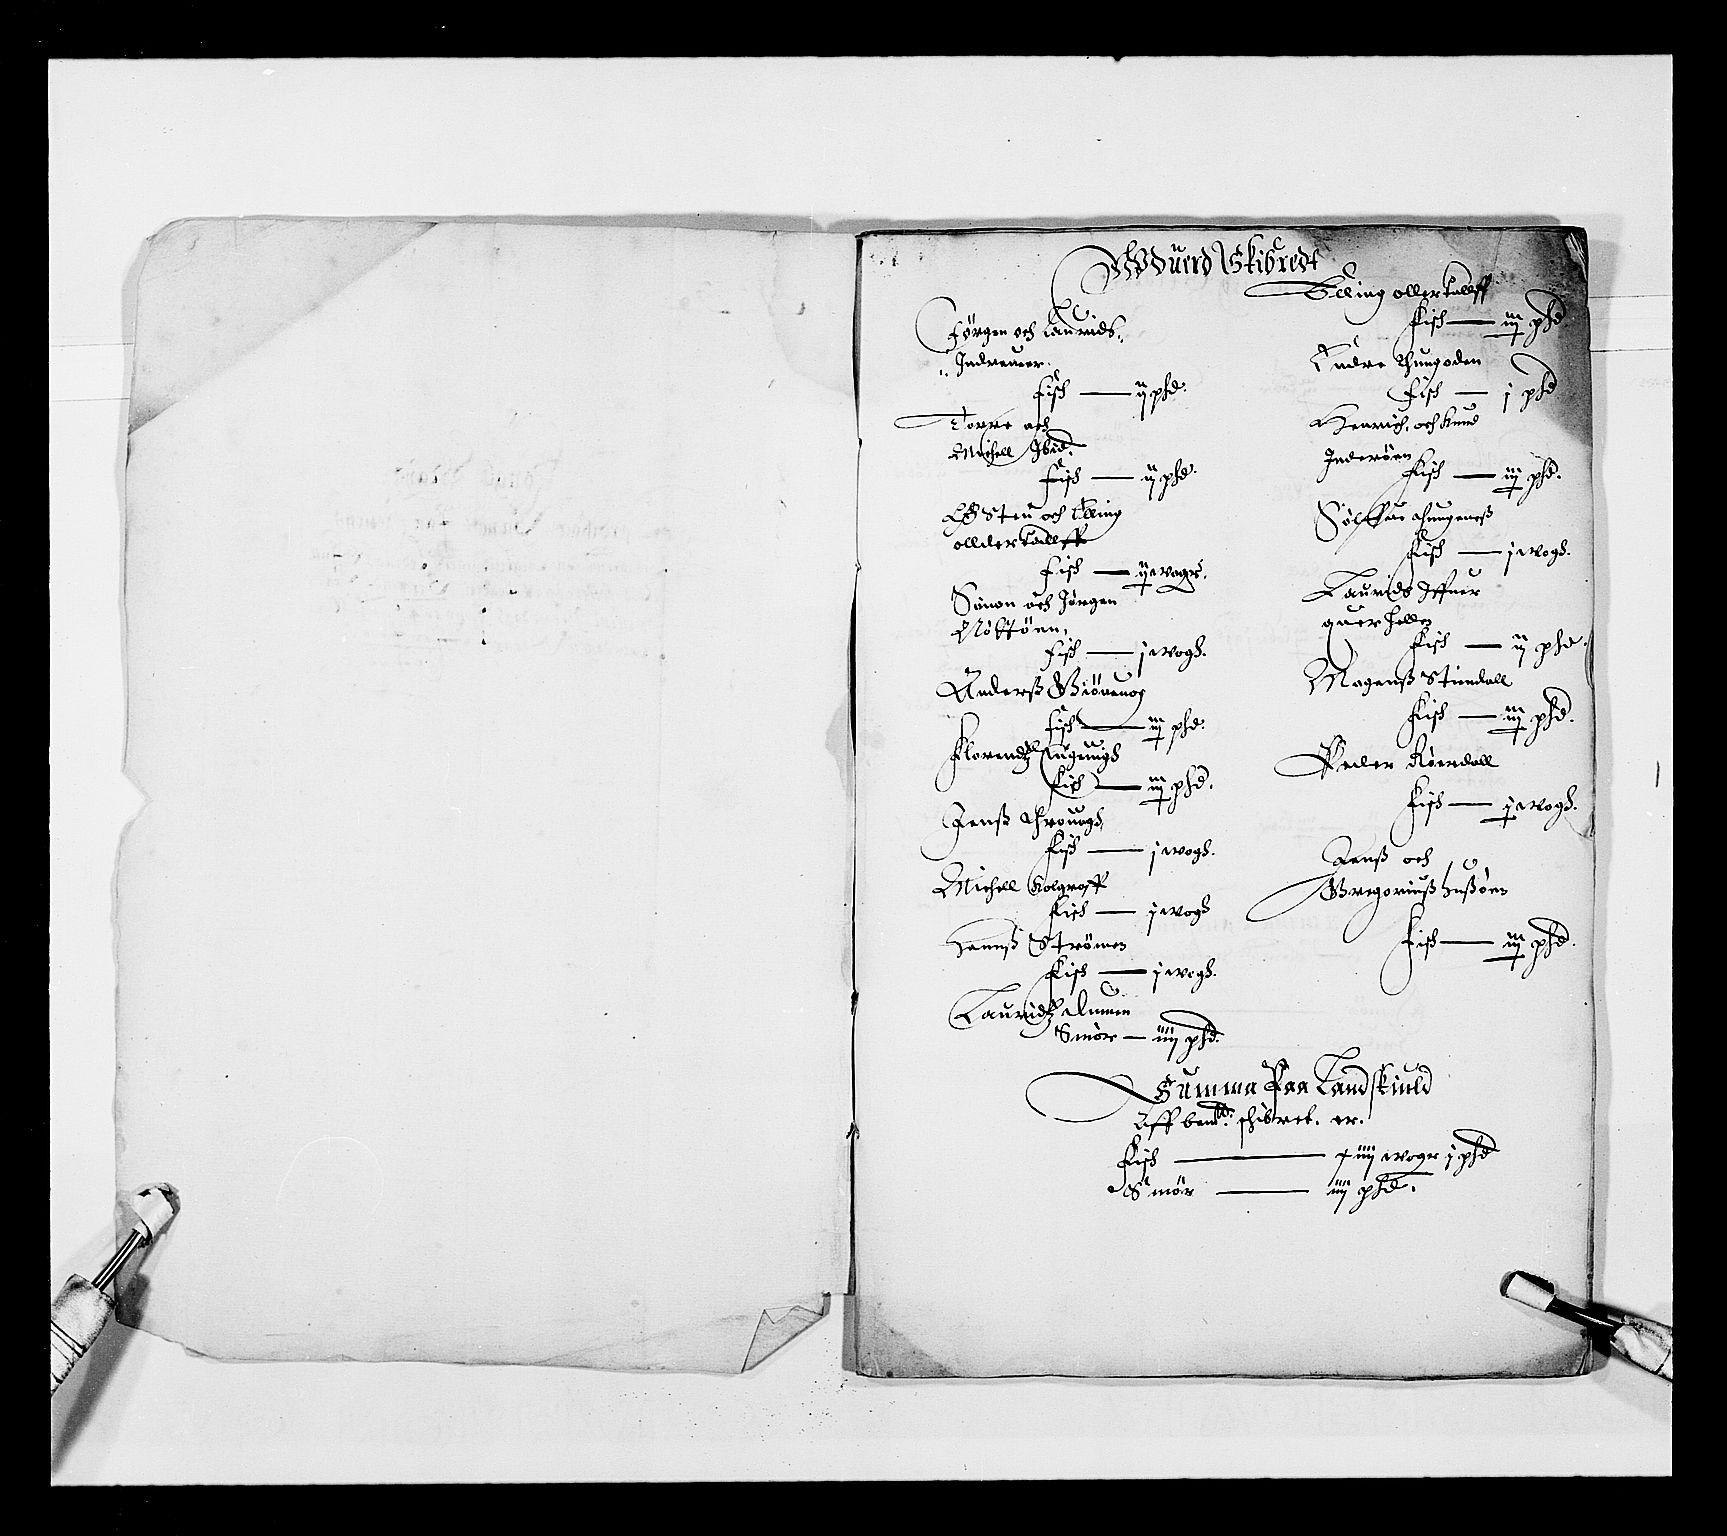 RA, Stattholderembetet 1572-1771, Ek/L0025: Jordebøker 1633-1658:, 1645-1646, s. 114